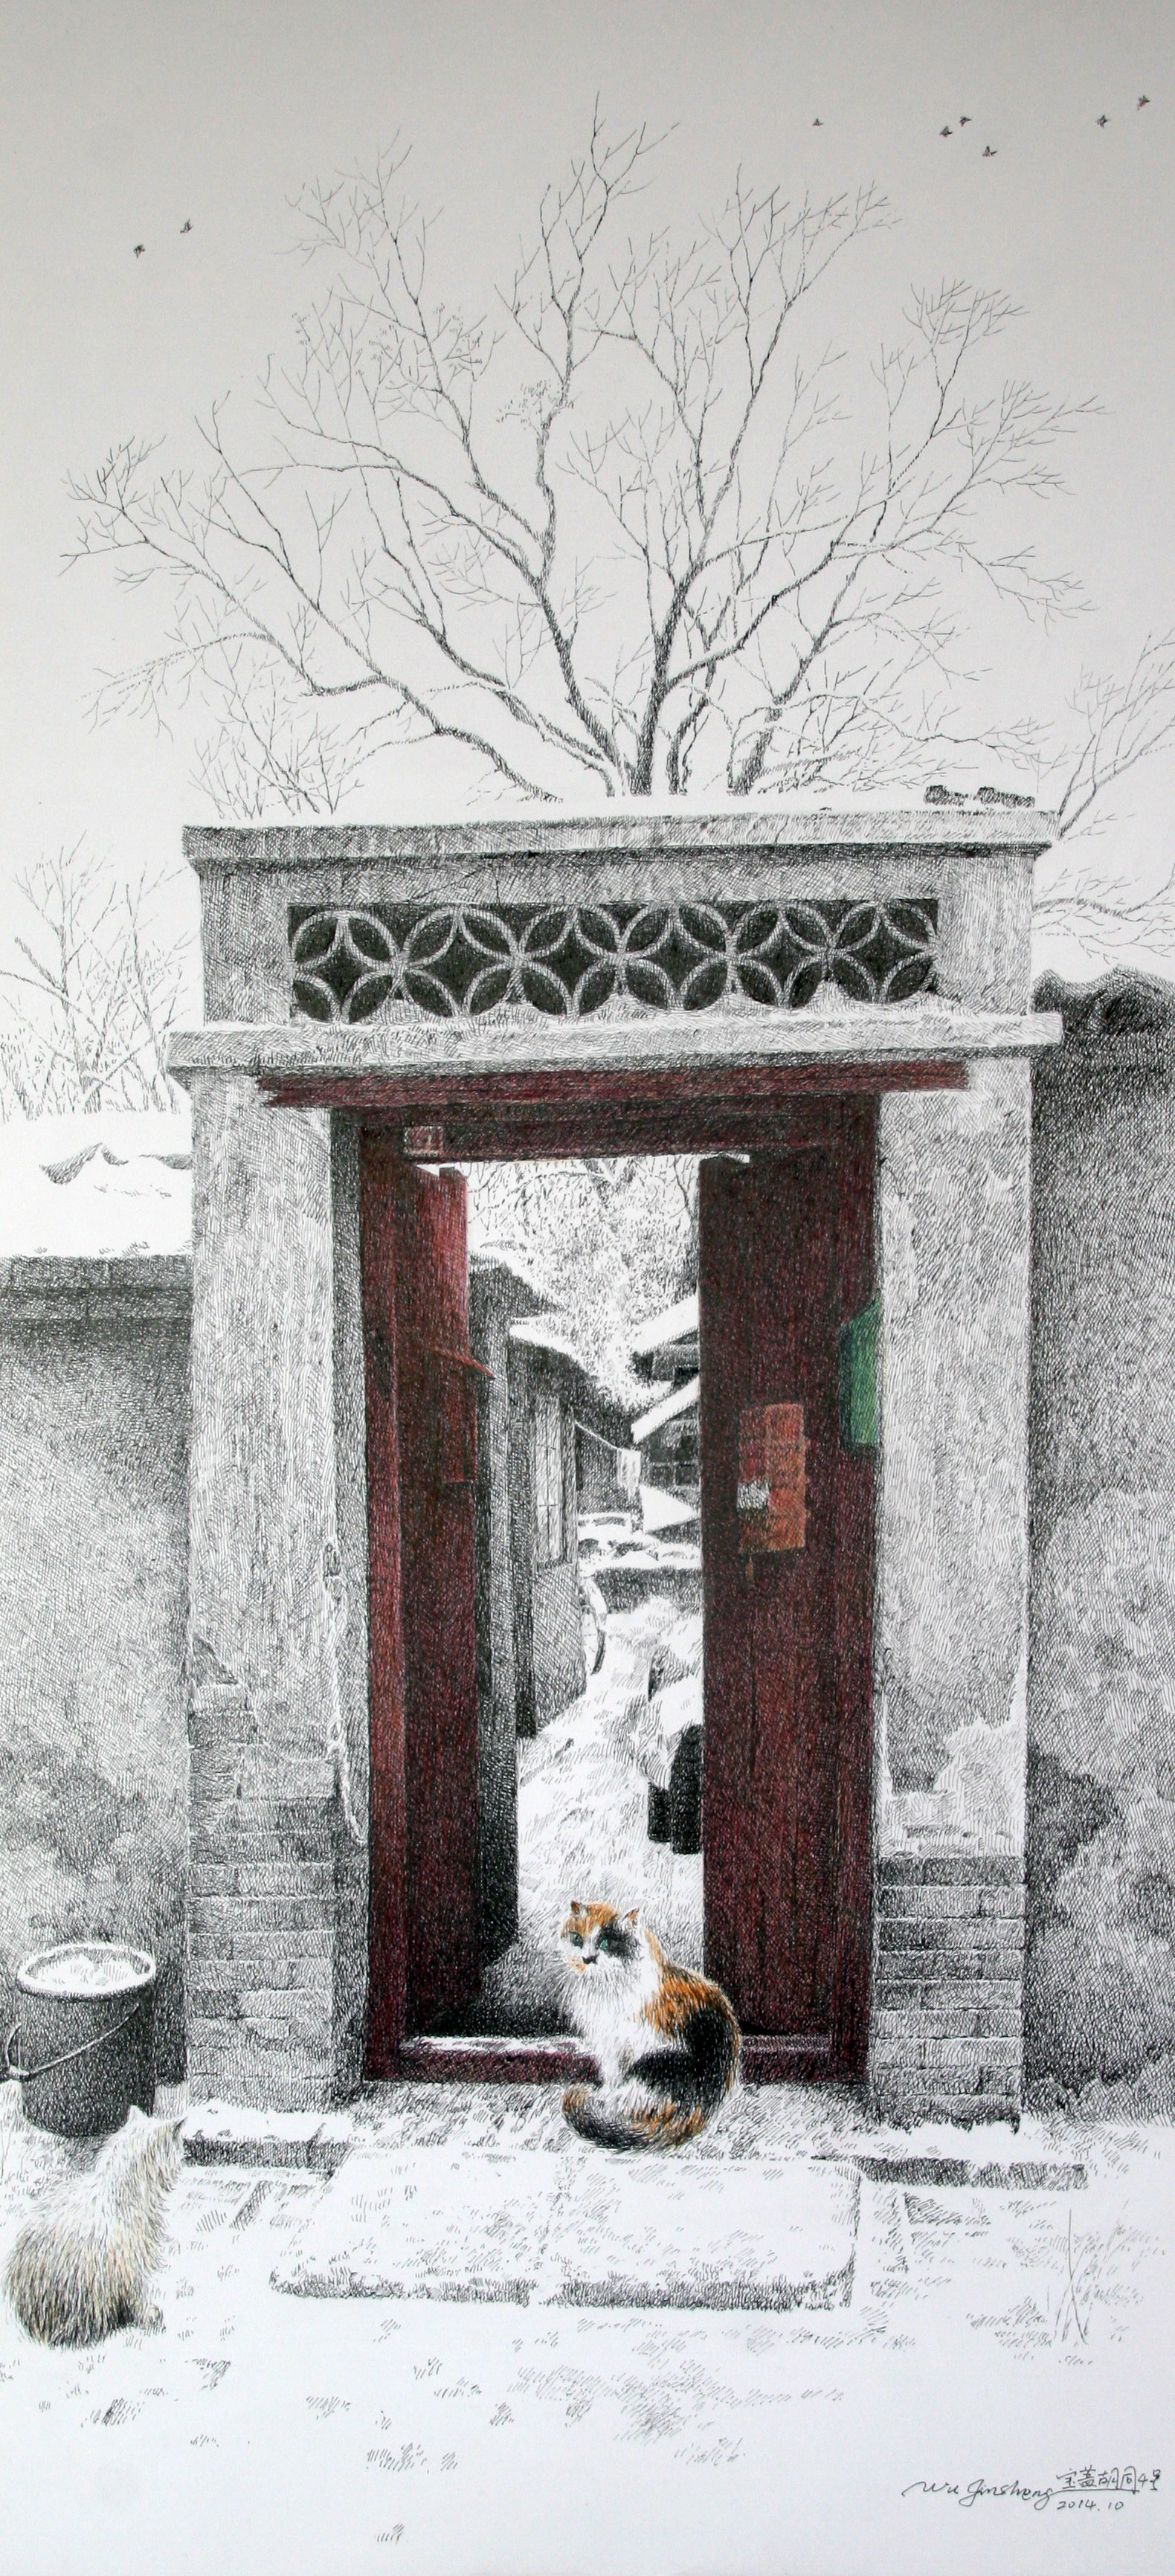 钢笔画就的老北京胡同引关注 夫妻俩非专业画家出身(图)